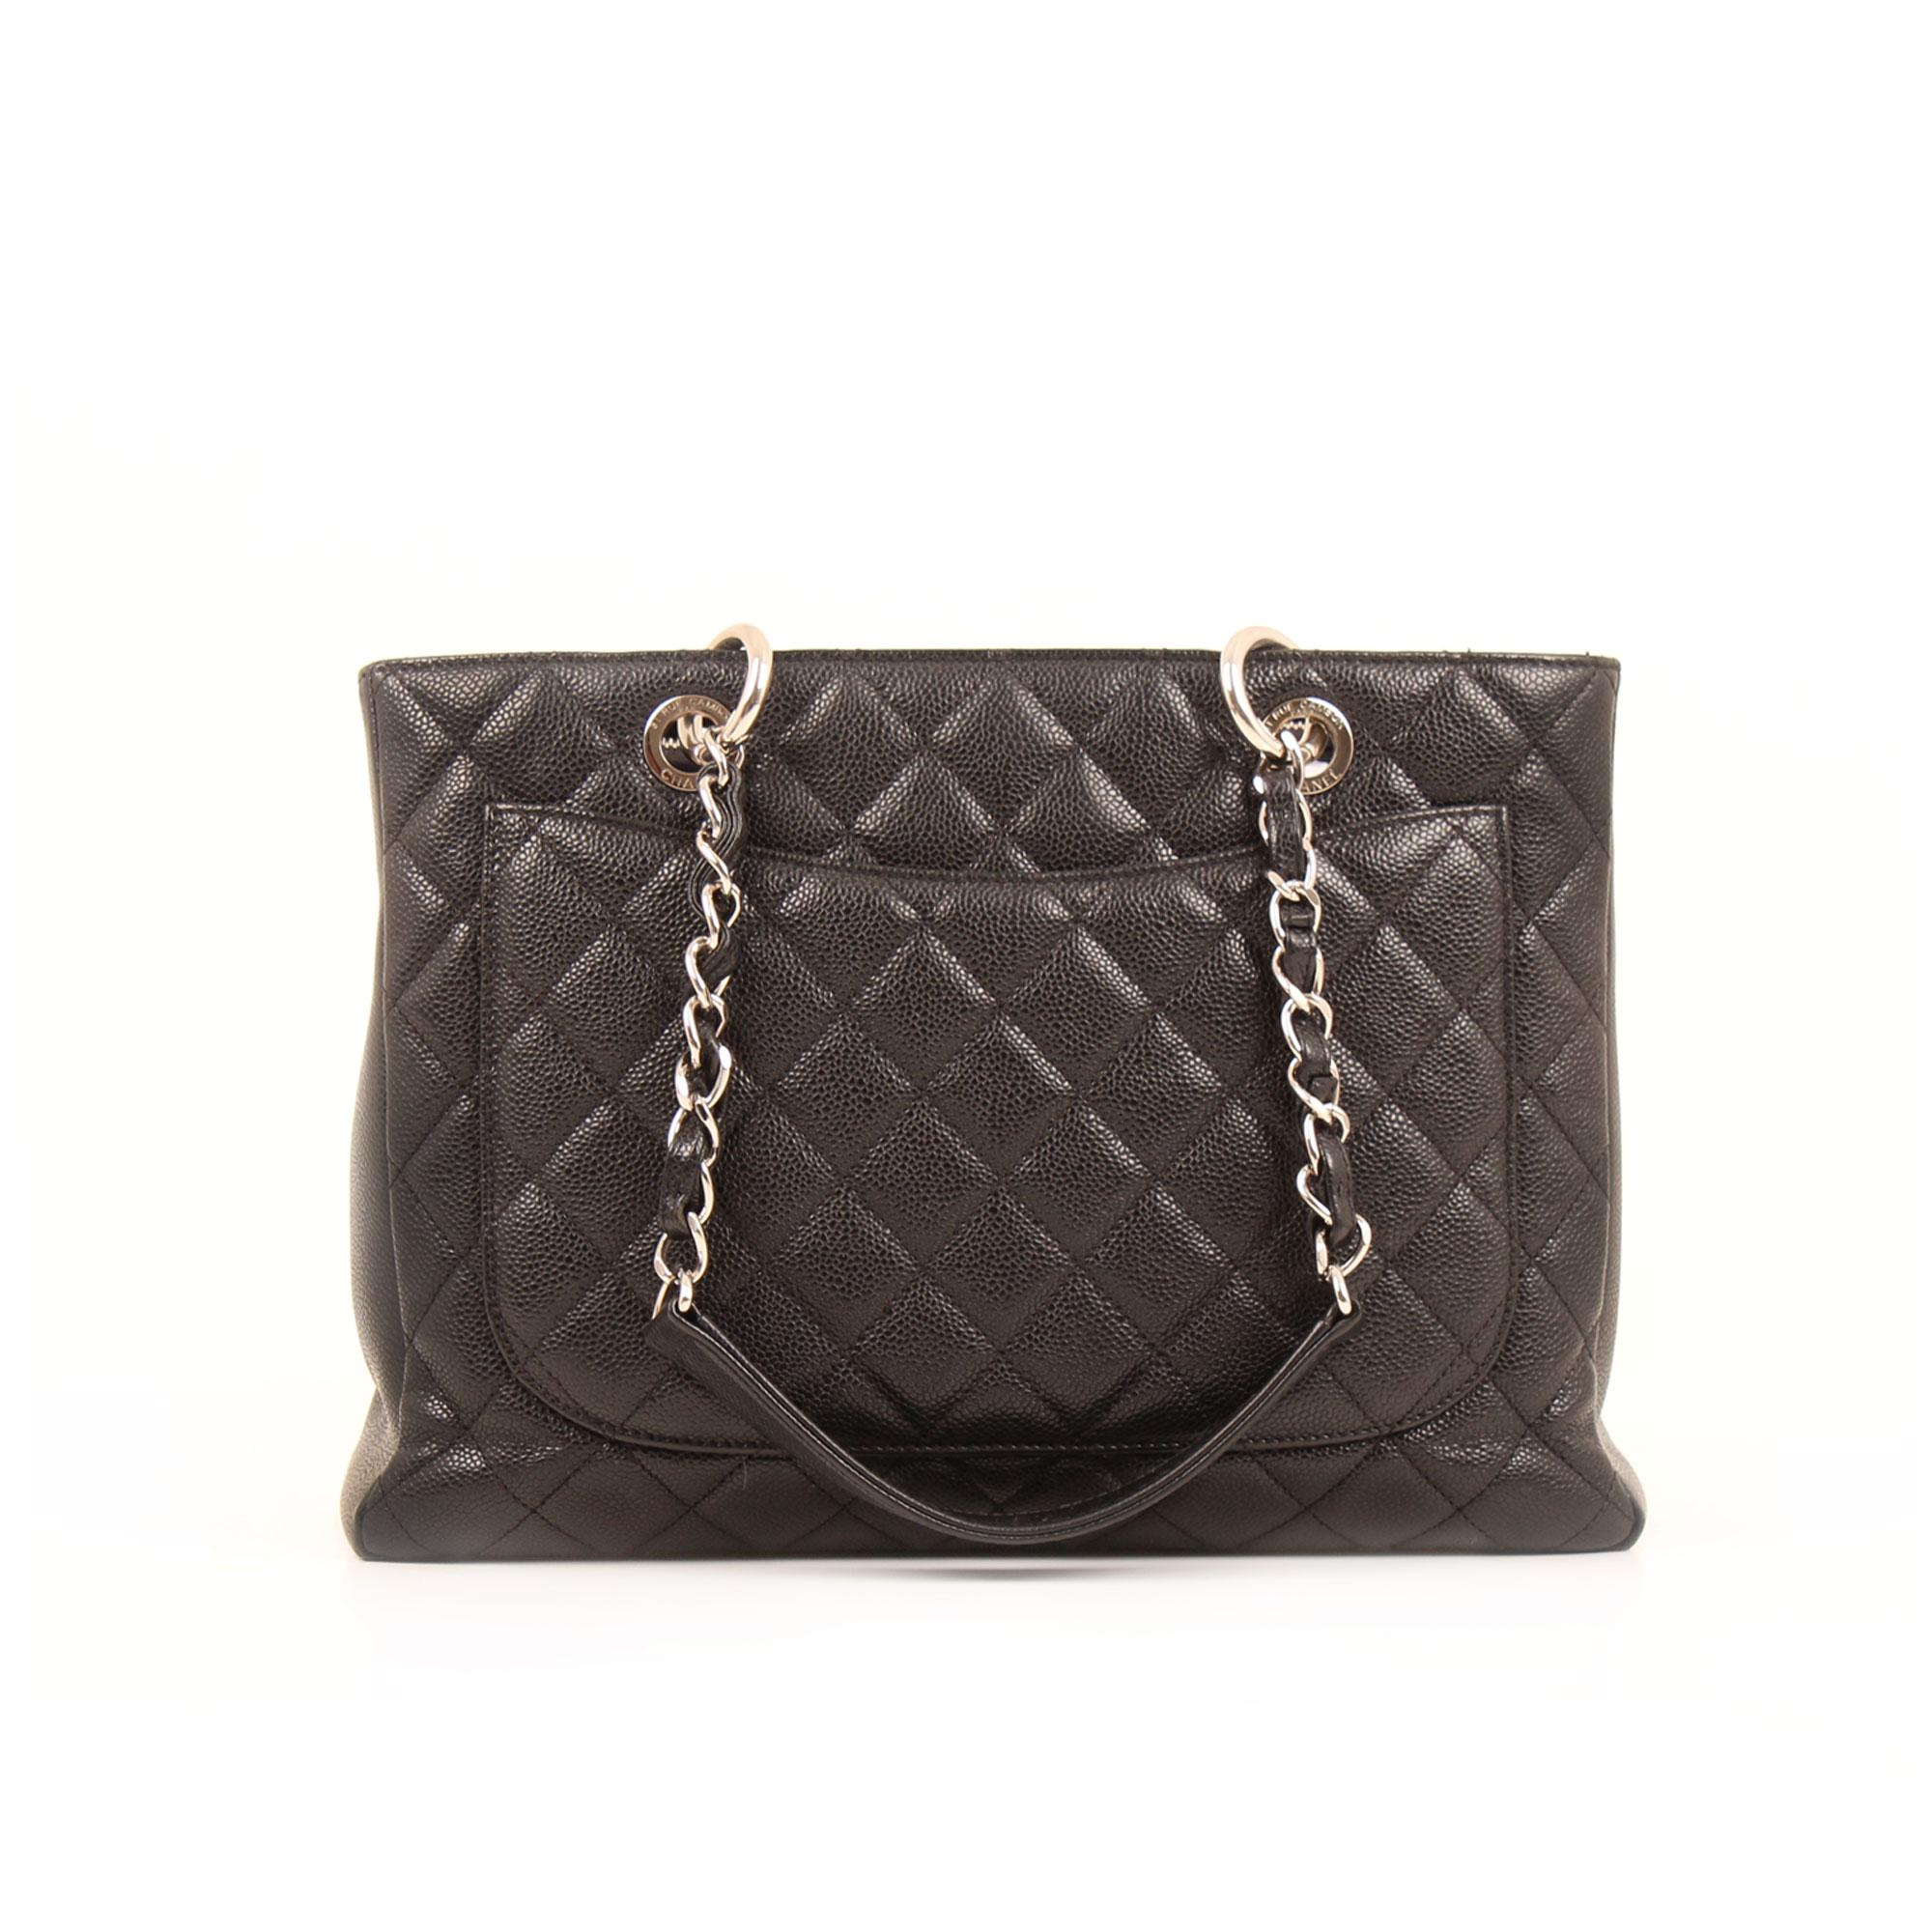 Imagen trasera del bolso chanel grand shopping tote caviar negro